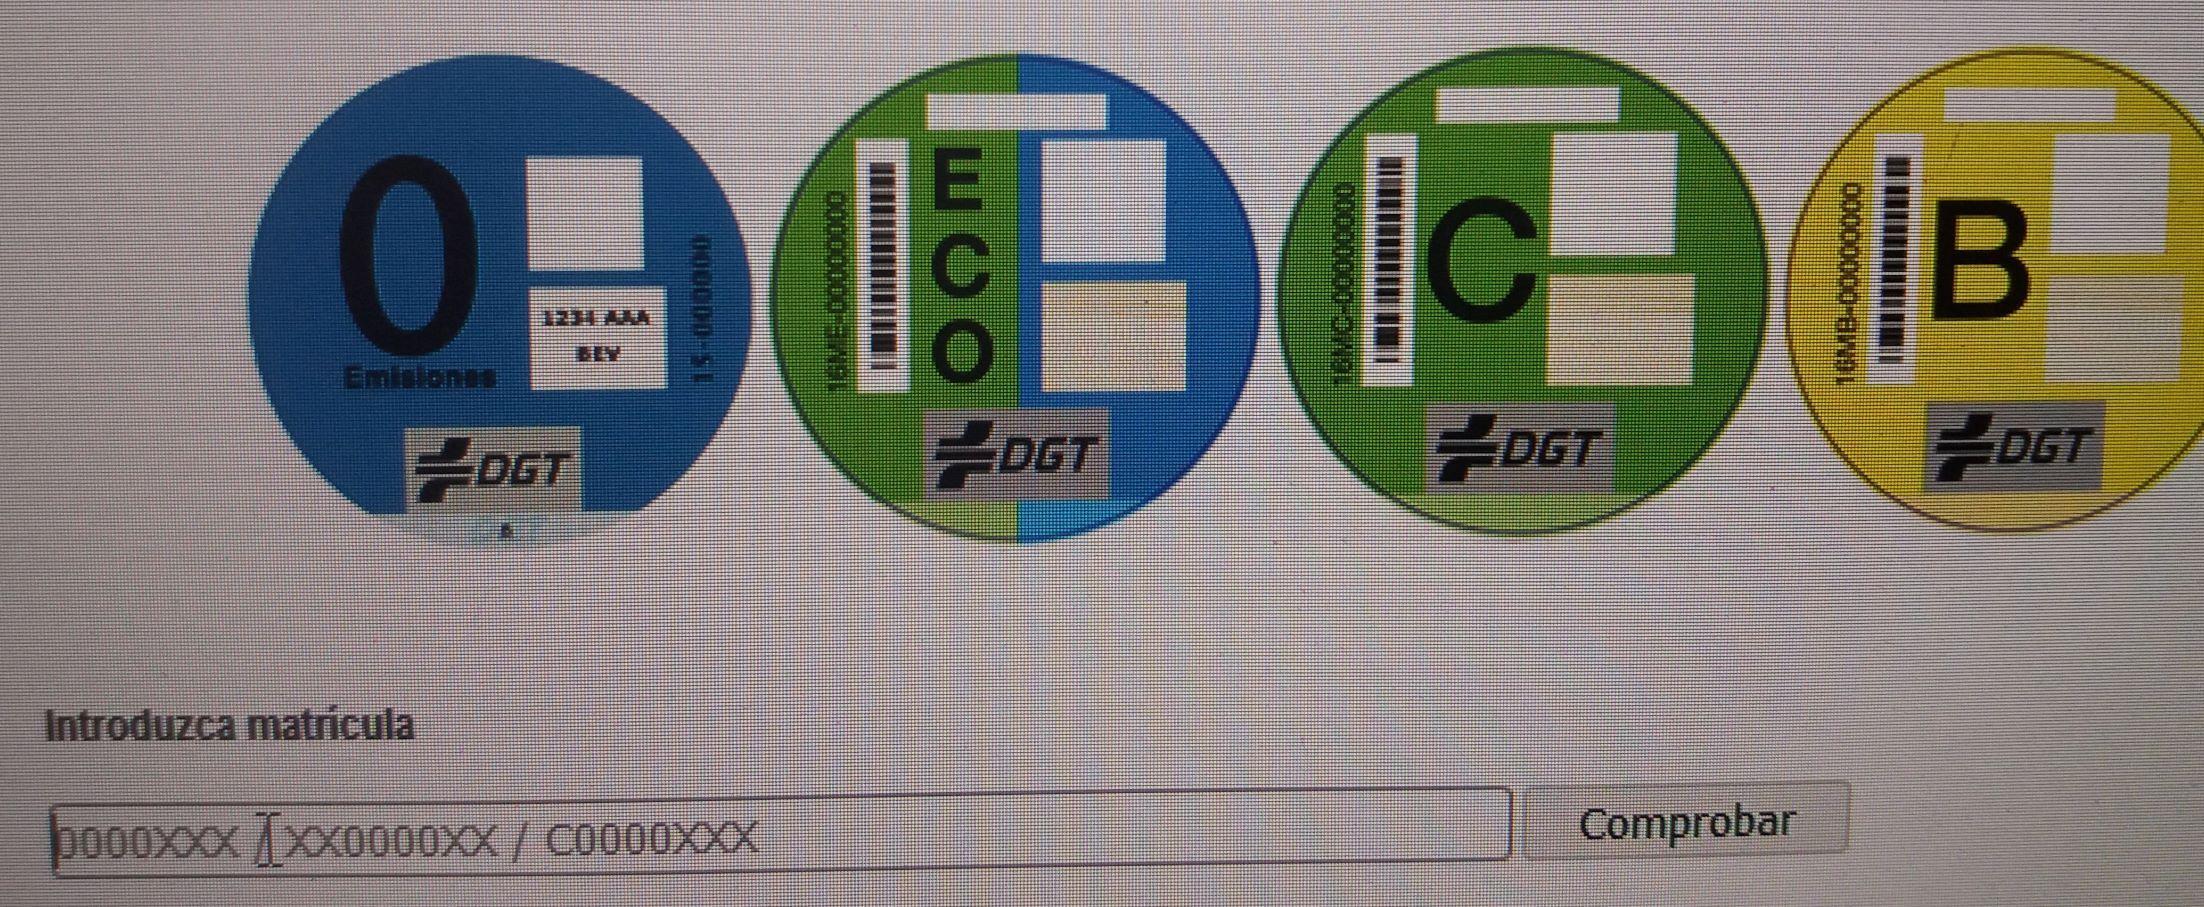 Etiqueta medioambiental para su vehículo.